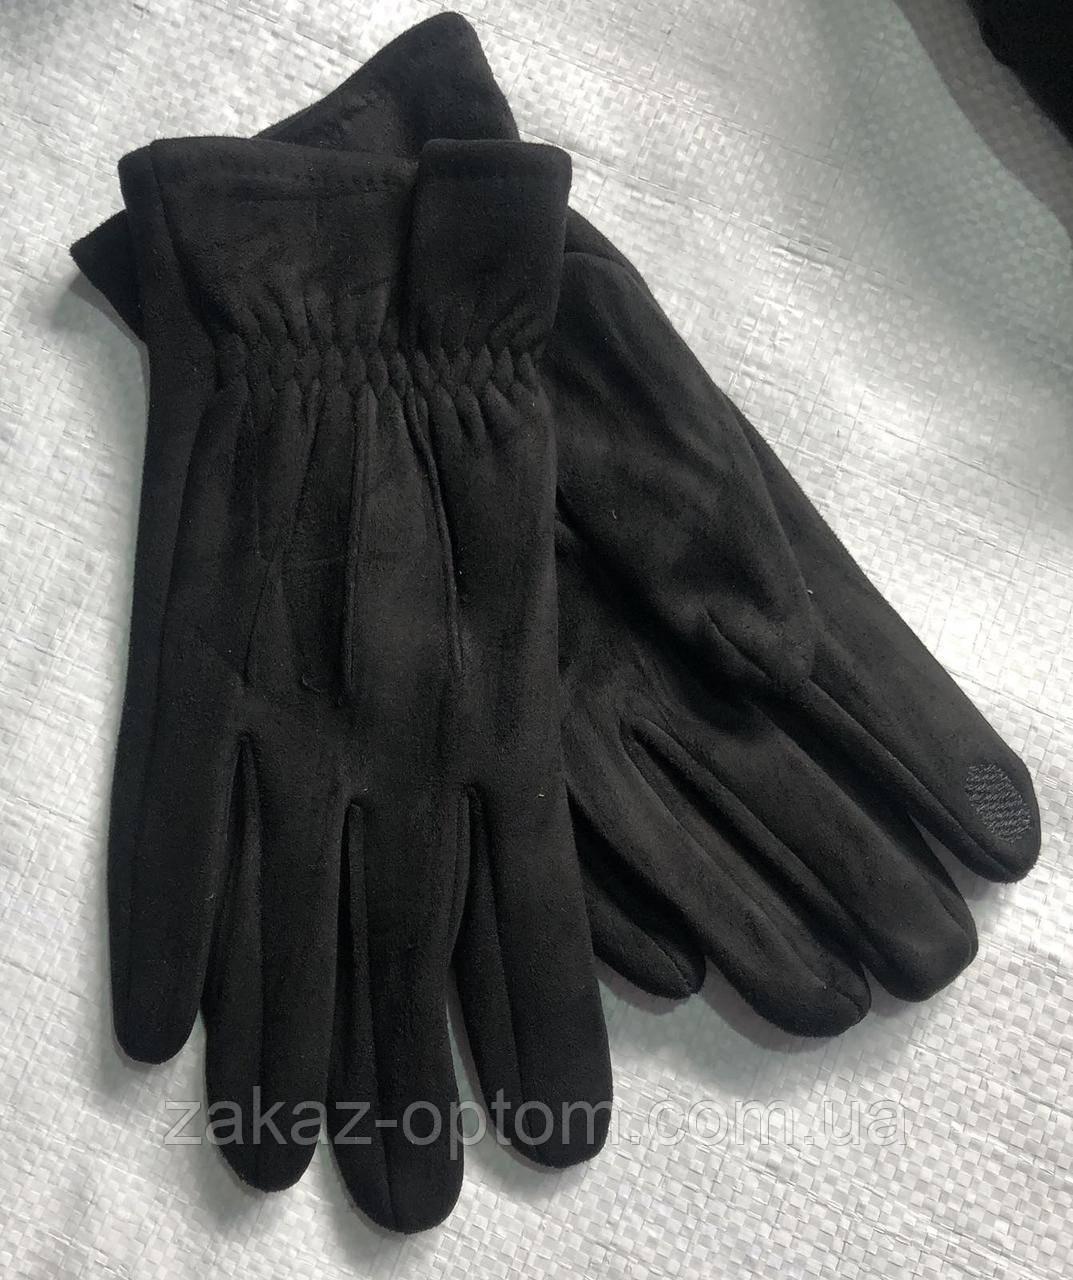 Перчатки мужские сенсор оптом внутри начес (10-12)Китай-63099